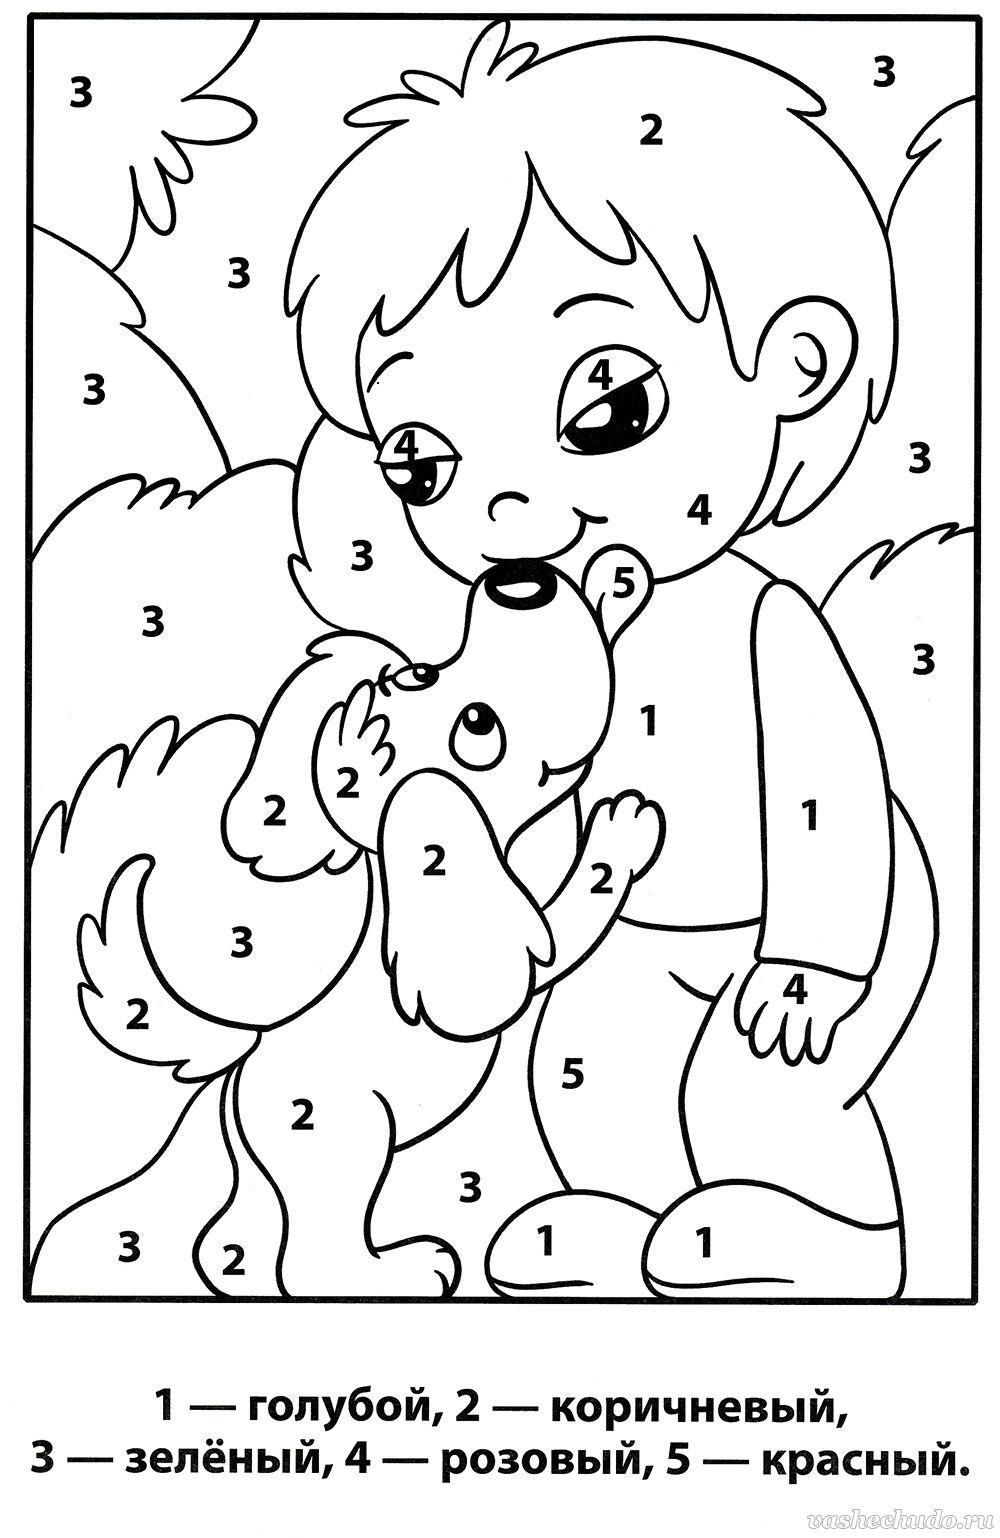 Раскраска по номерам для детей. Мальчик с собакой